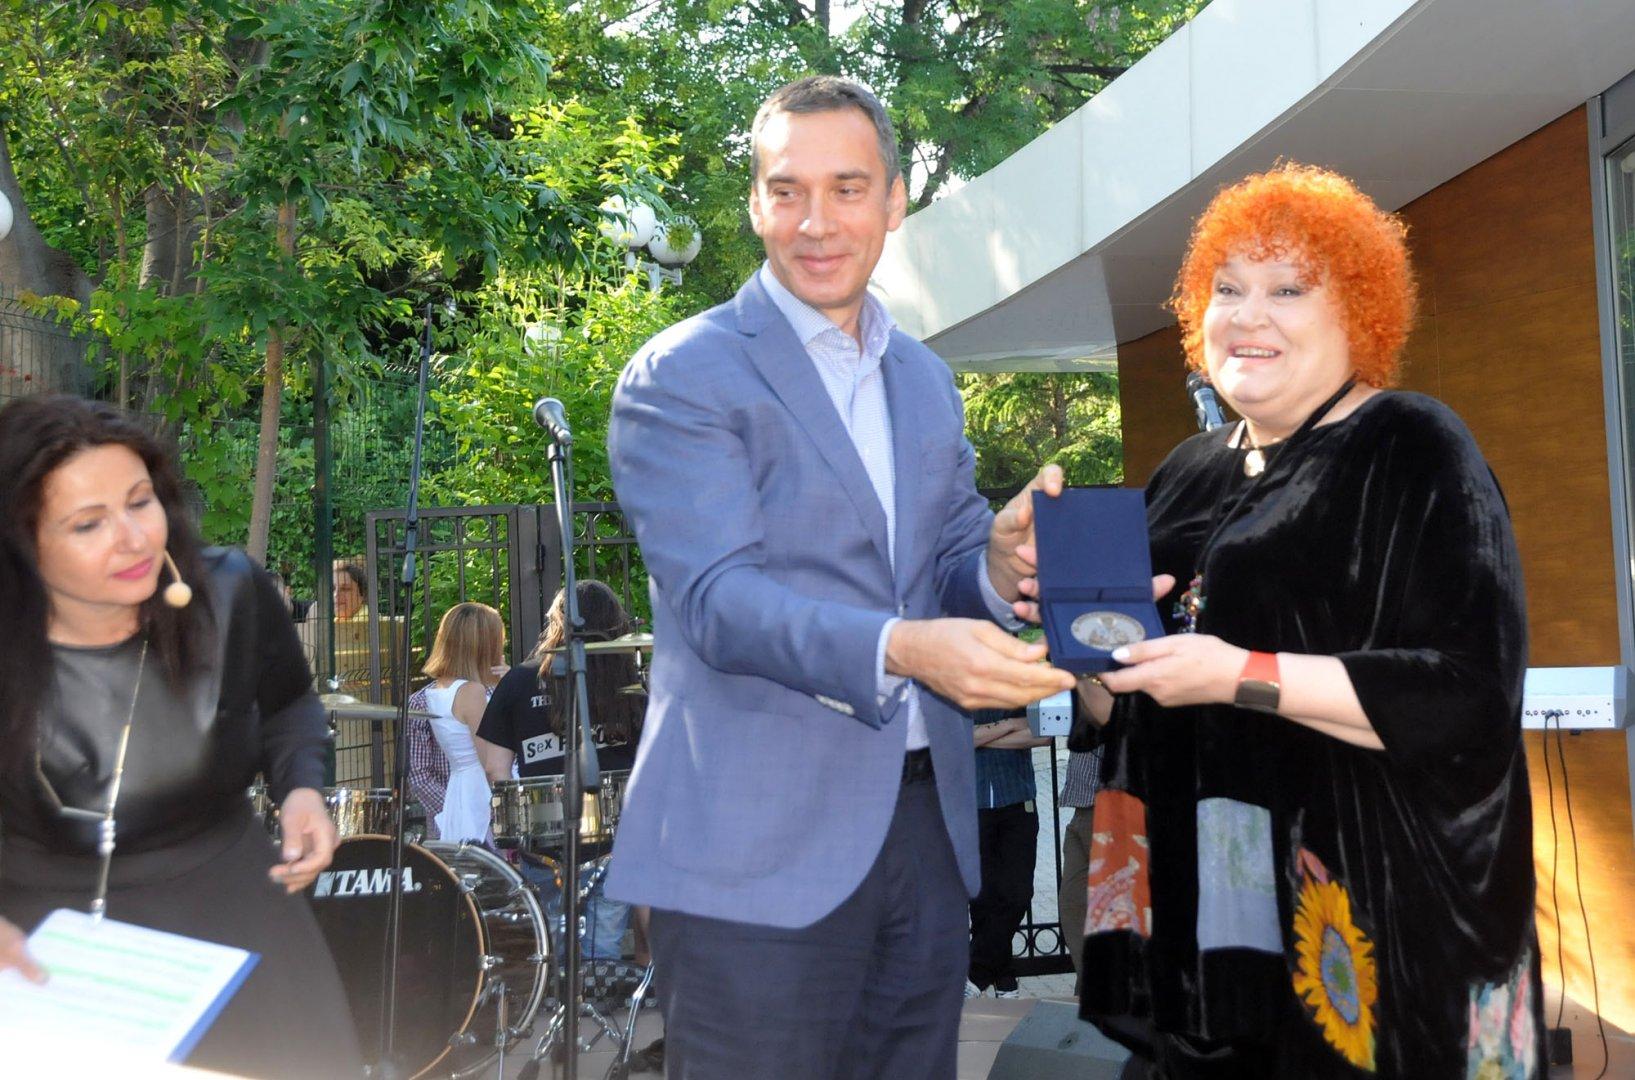 Димитрина Тенева първа получи наградата. Снимки Лина Главинова